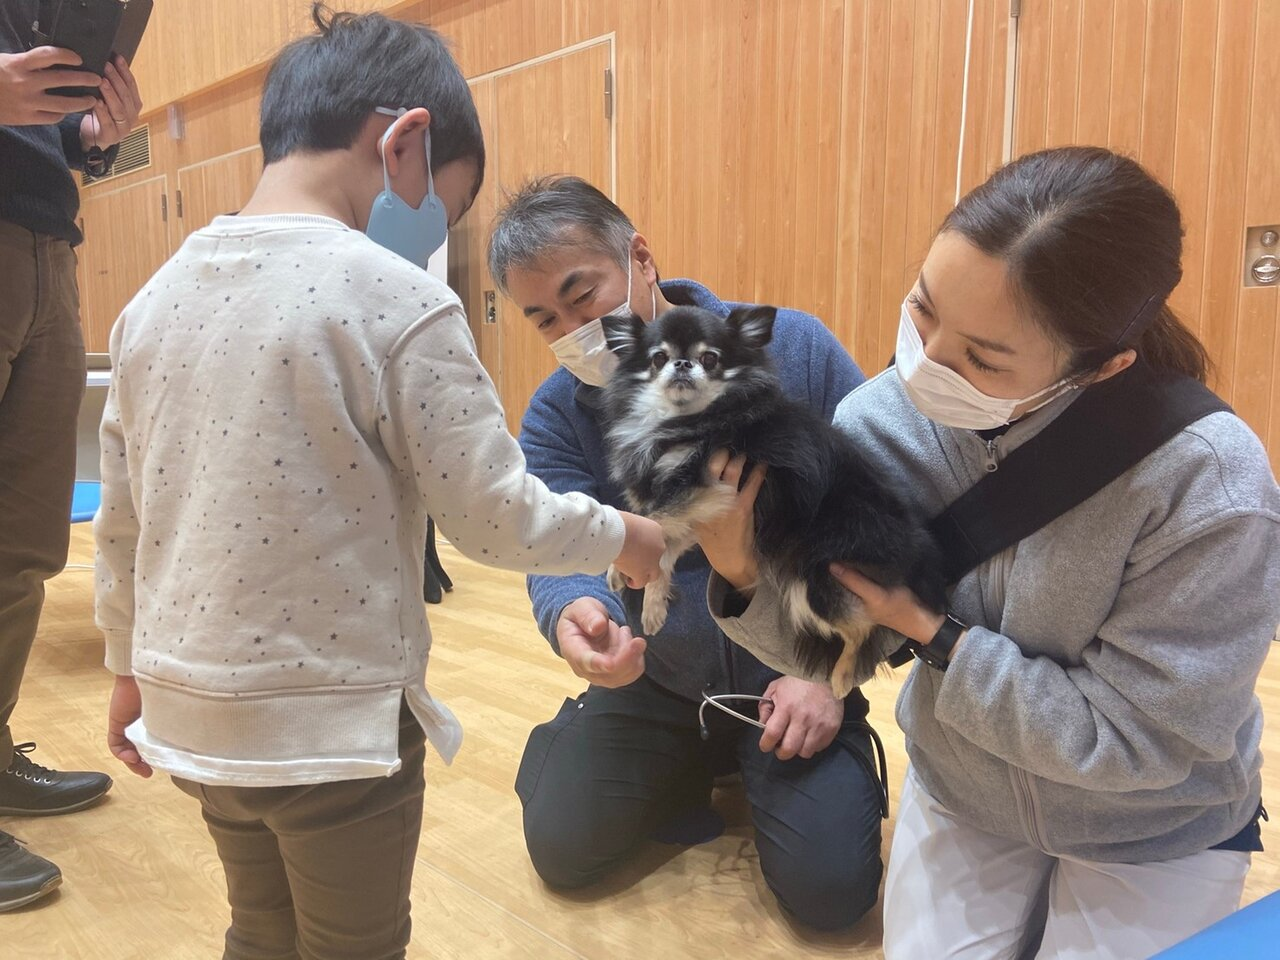 """NPO法人ワンコレクションの活動として、保育園や小学校などで""""動物の授業""""を行っている西井先生。「犬の触り方をレクチャーしたり、聴診器で心臓の音を聴かせたり。子どもたちに命の大切さや共感性を学んでもらっています」(西井先生)。<br> <small class=""""font-small"""">写真提供:NPO法人ワンコレクション</small>"""